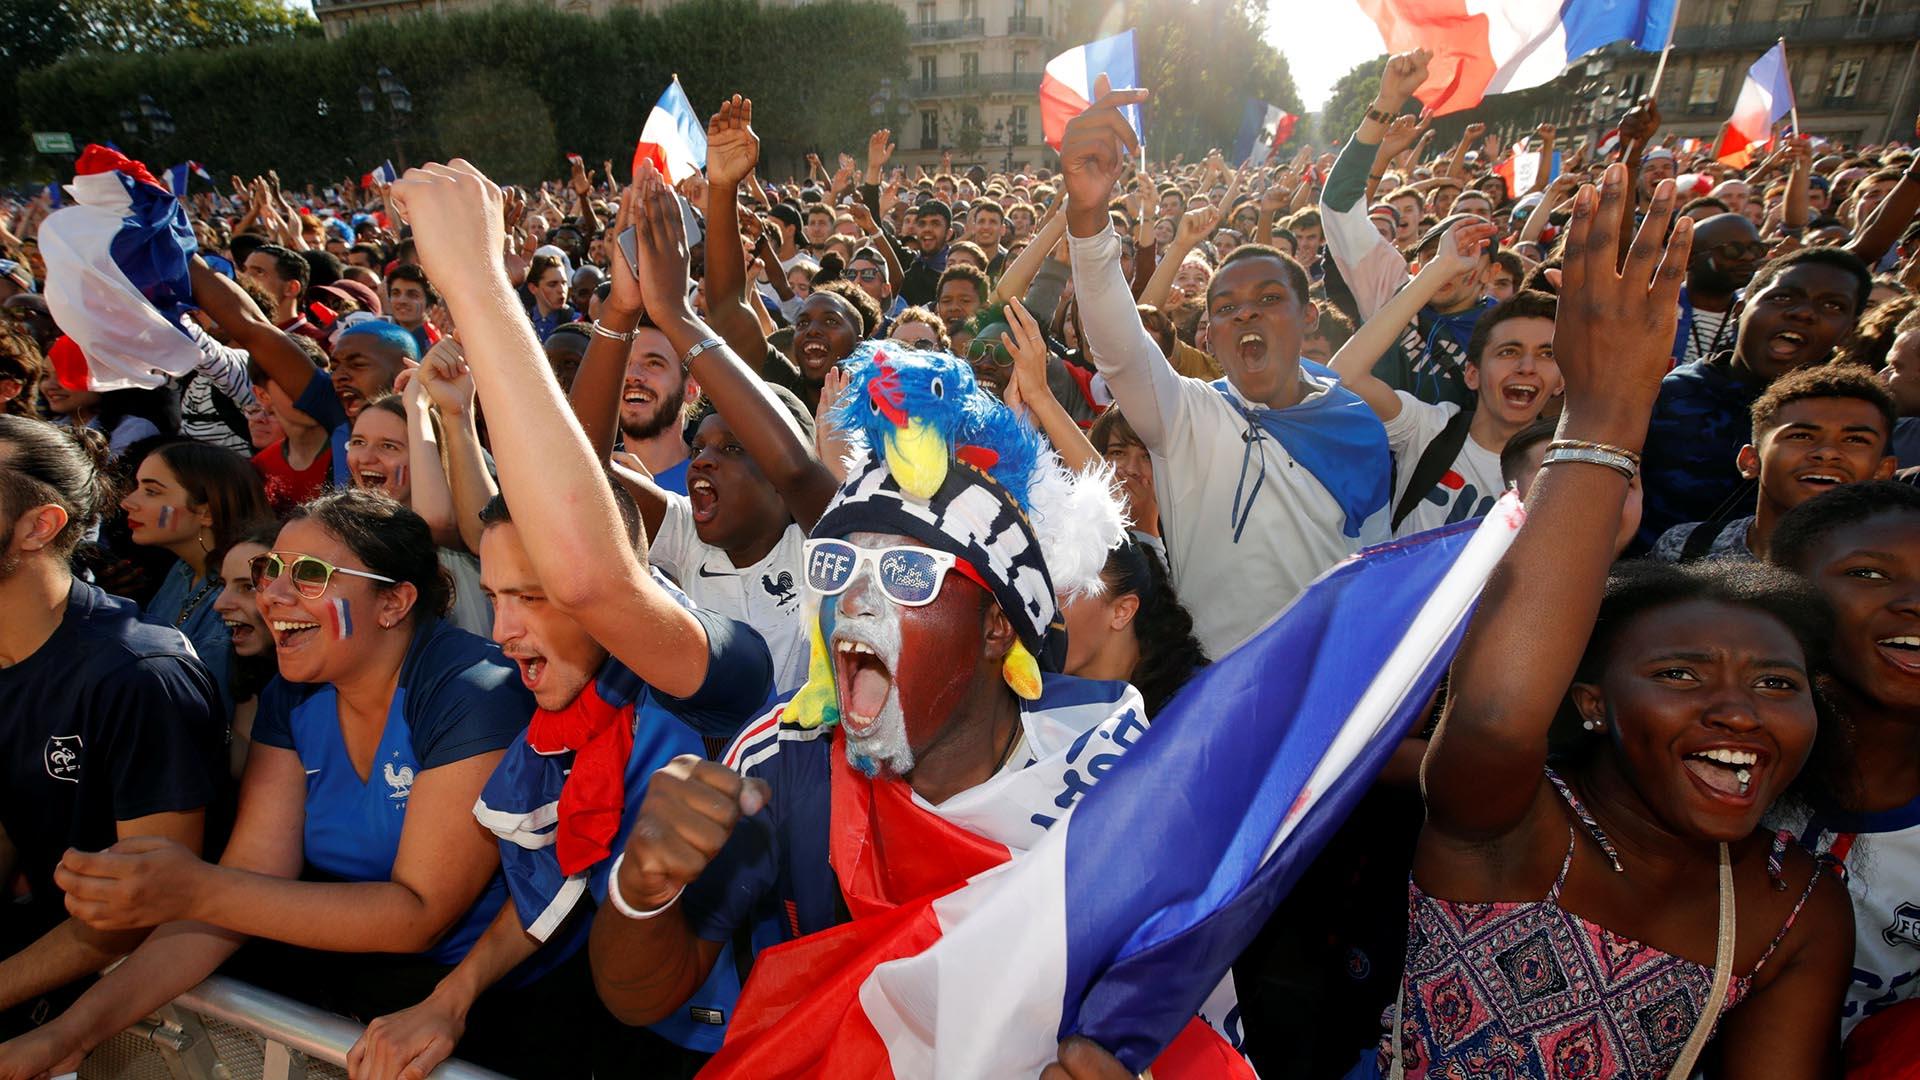 Francia derrotó a Bélgica y jugará su tercera final en un Mundial